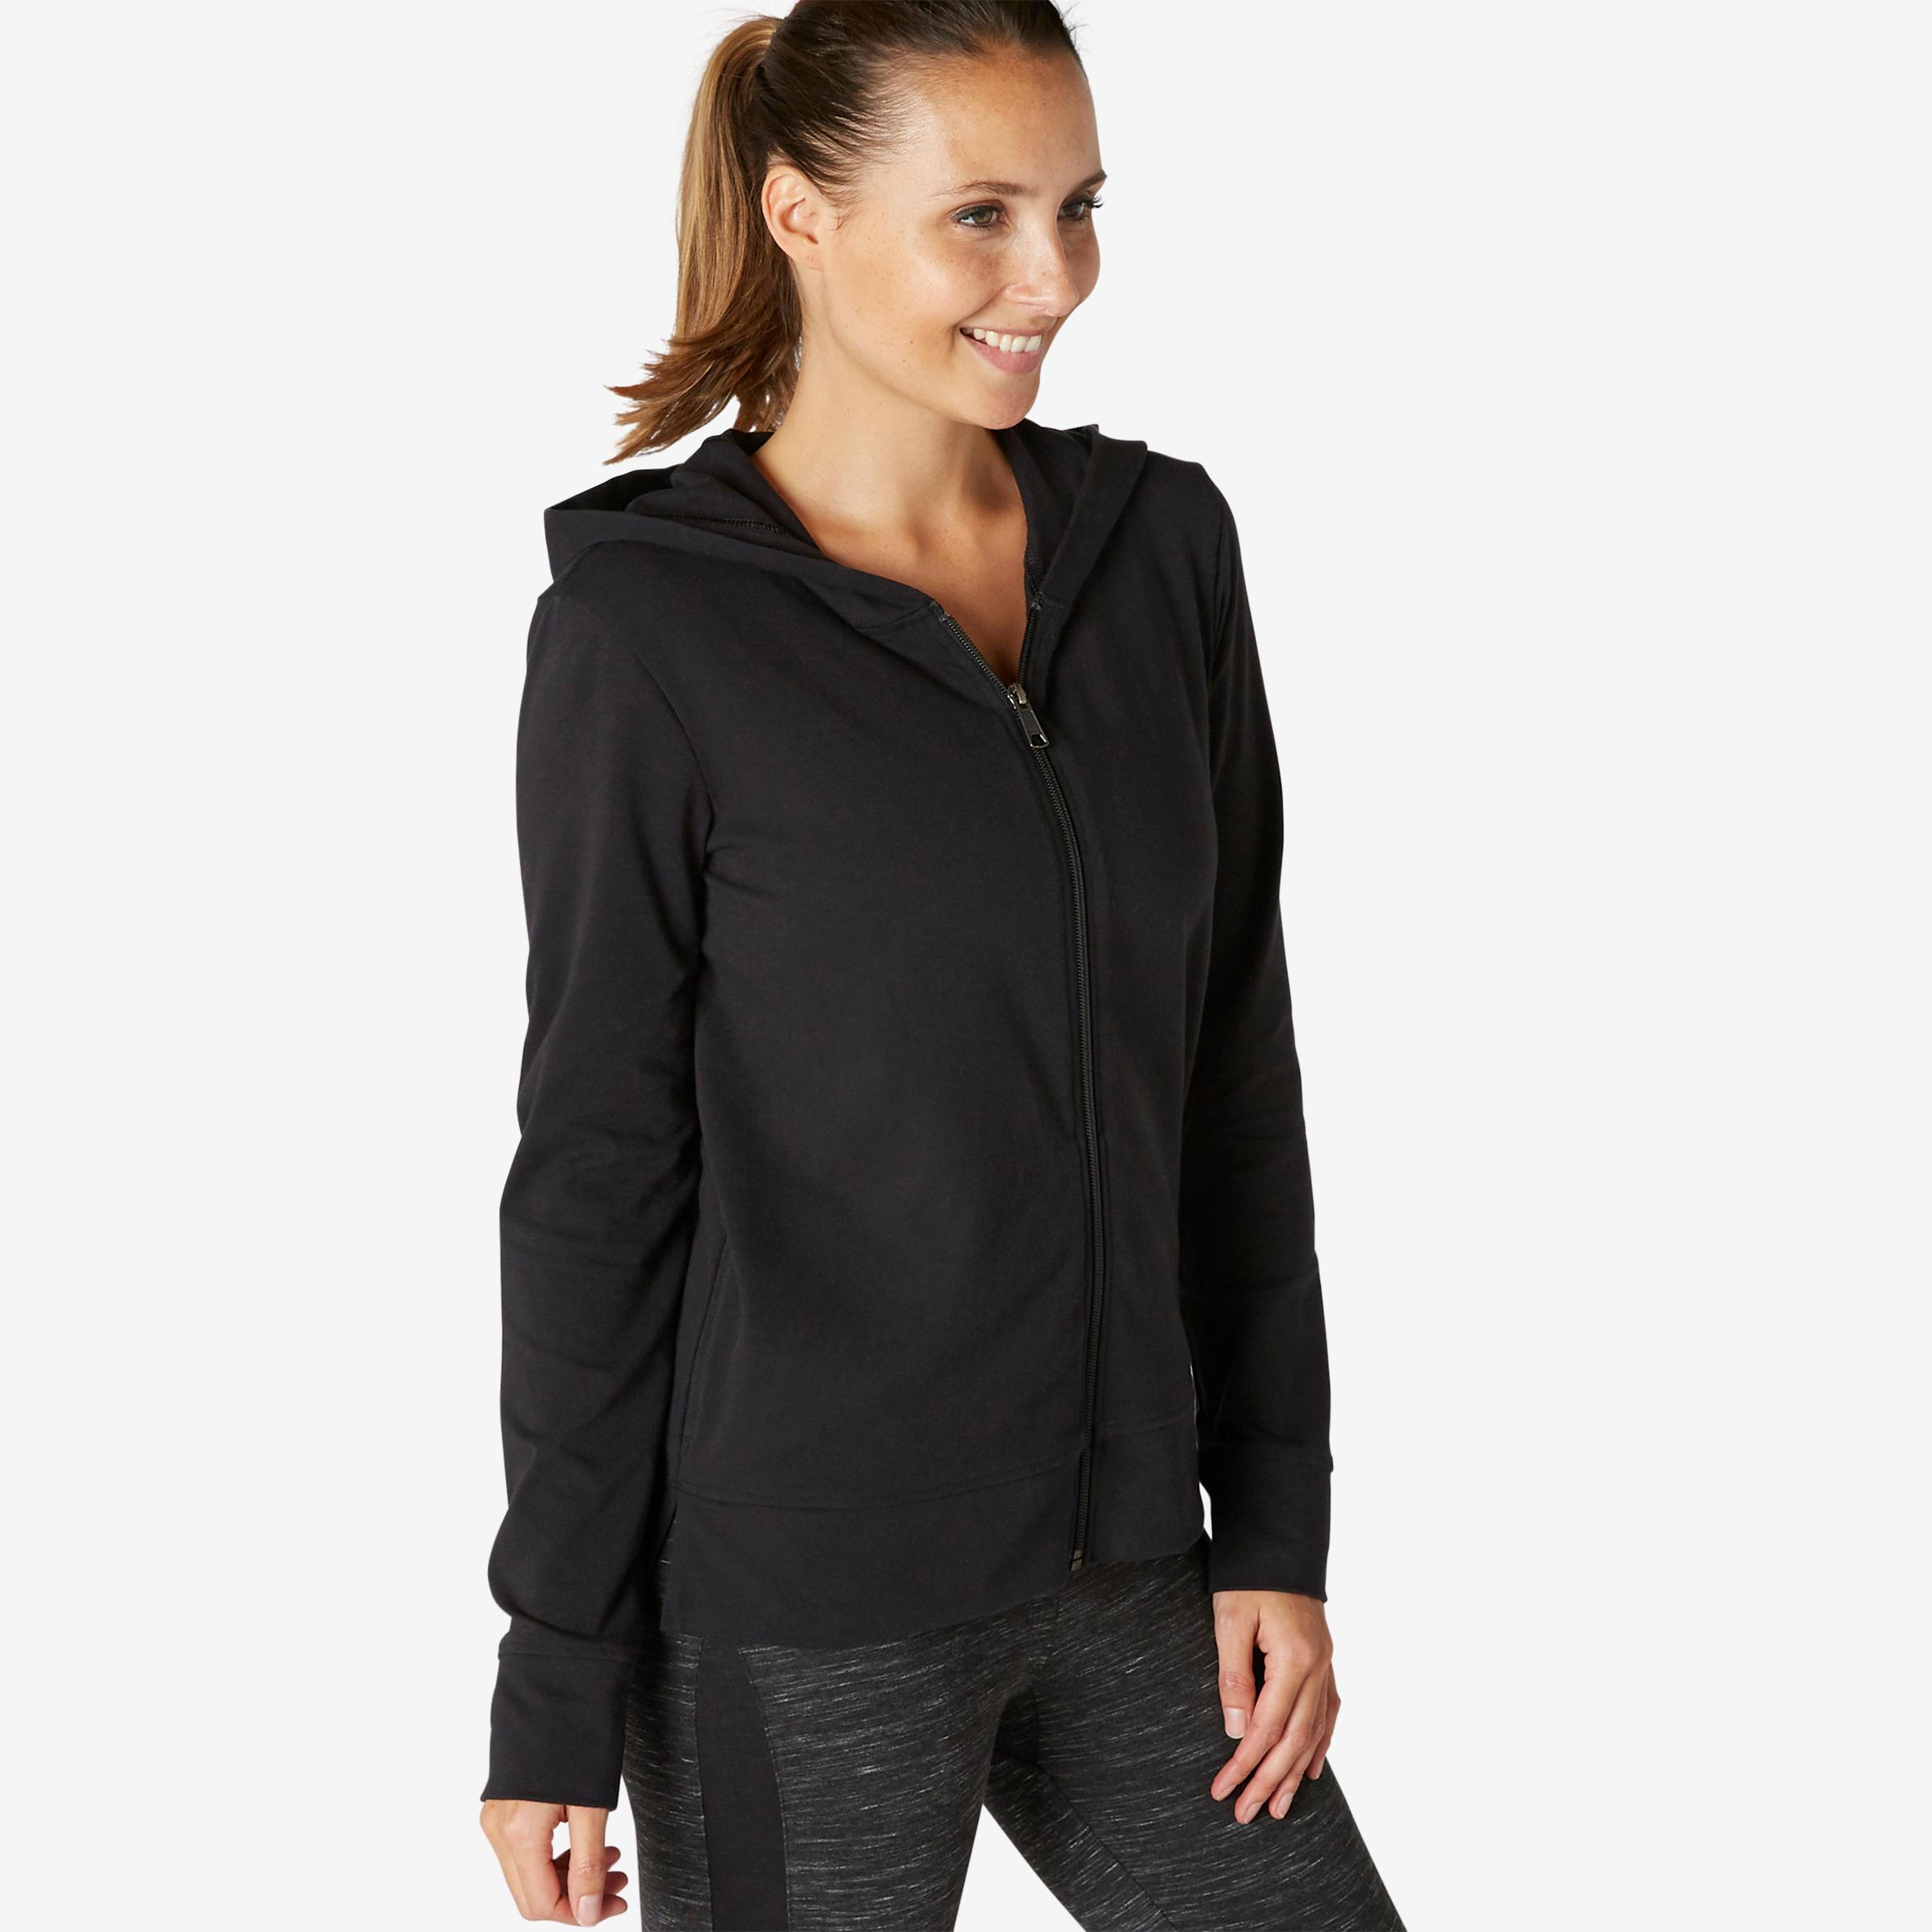 Kapuzenjacke 100 Pilates sanfte Gymnastik Damen | Bekleidung > Sweatshirts & -jacken | Nyamba